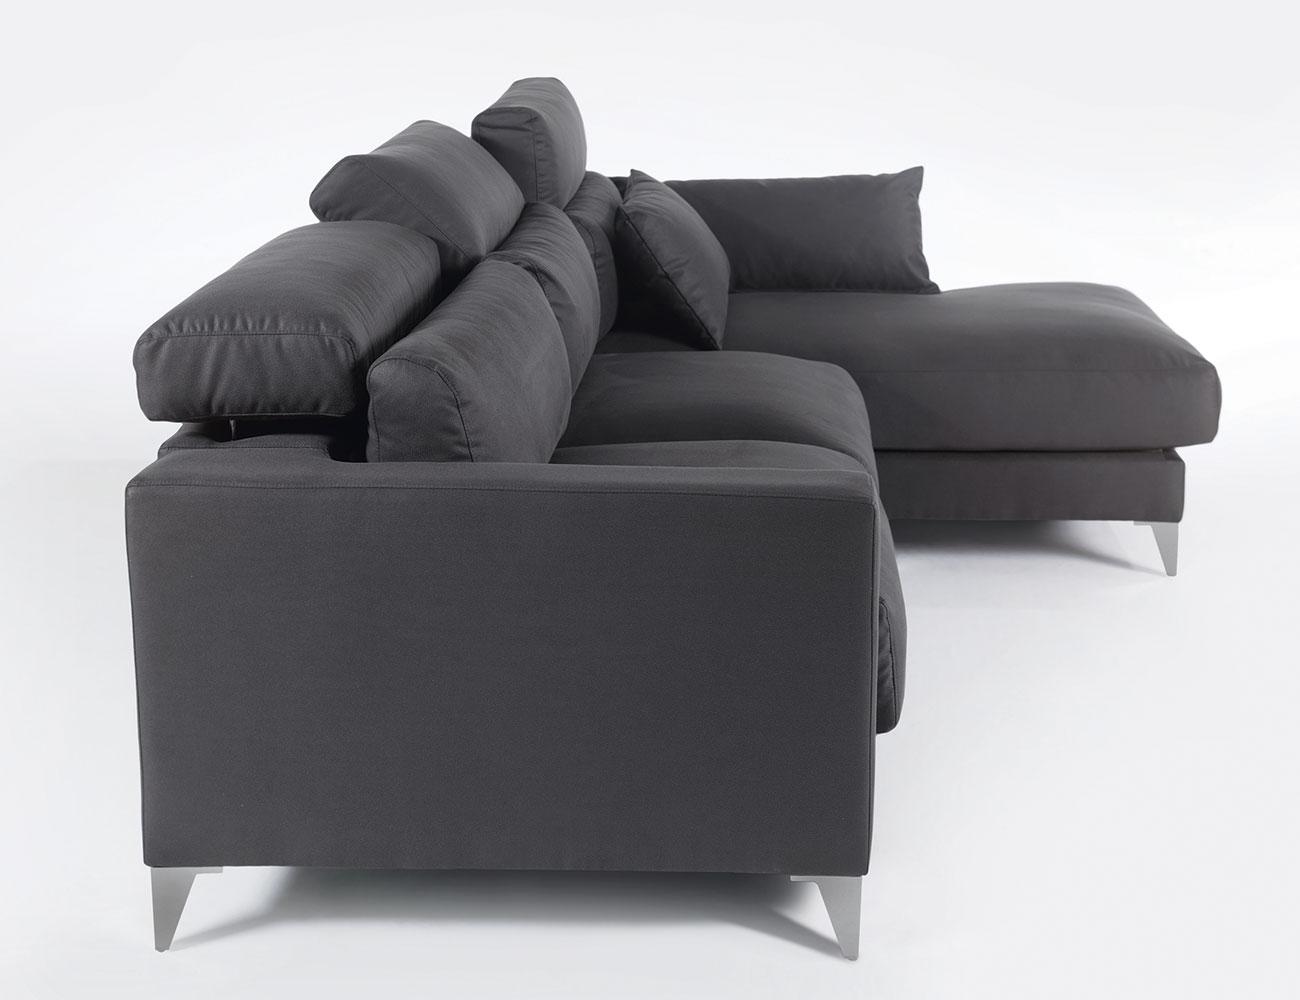 Sofa chaiselongue gran lujo decorativo grafito 127